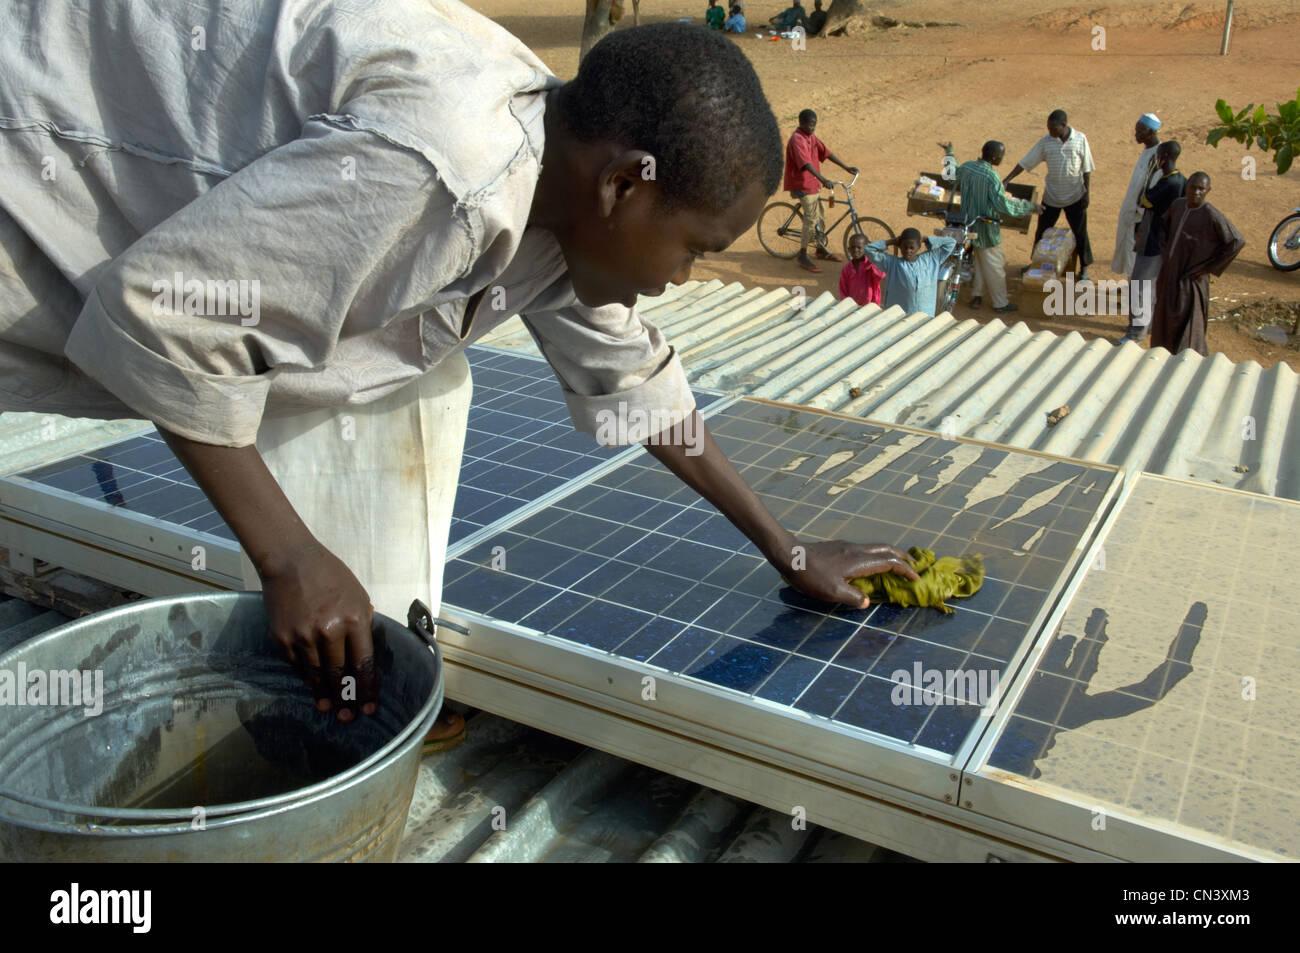 Jeune garçon nettoie la poussière de panneaux solaires en Afrique Photo Stock